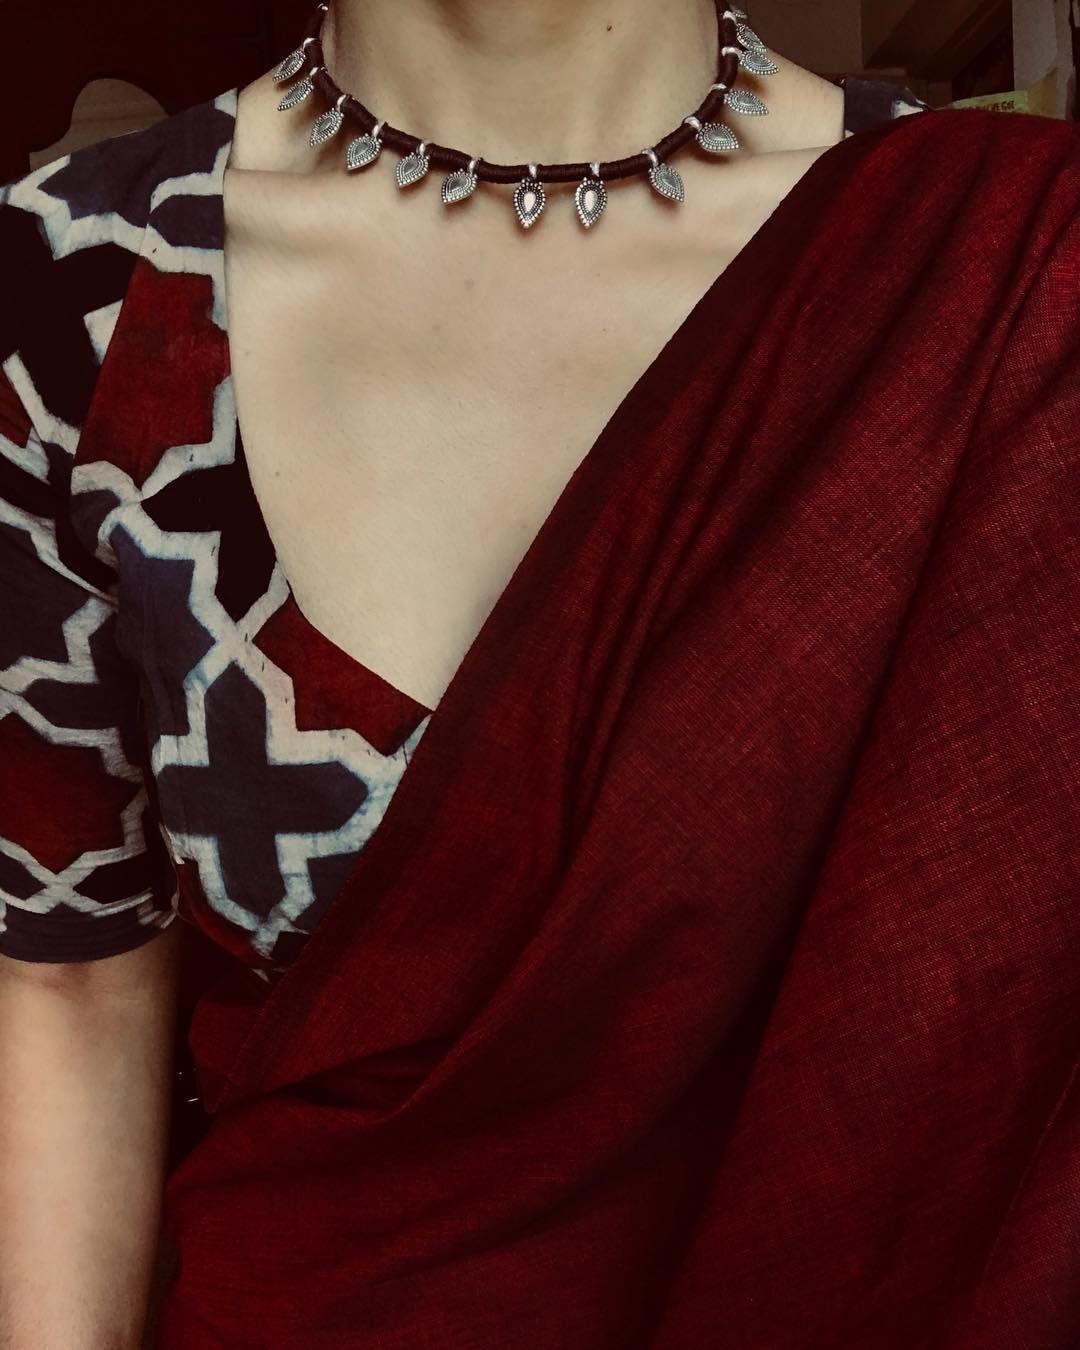 kanchipuram pattu sarees - Sarees / Ethnic Wear: C